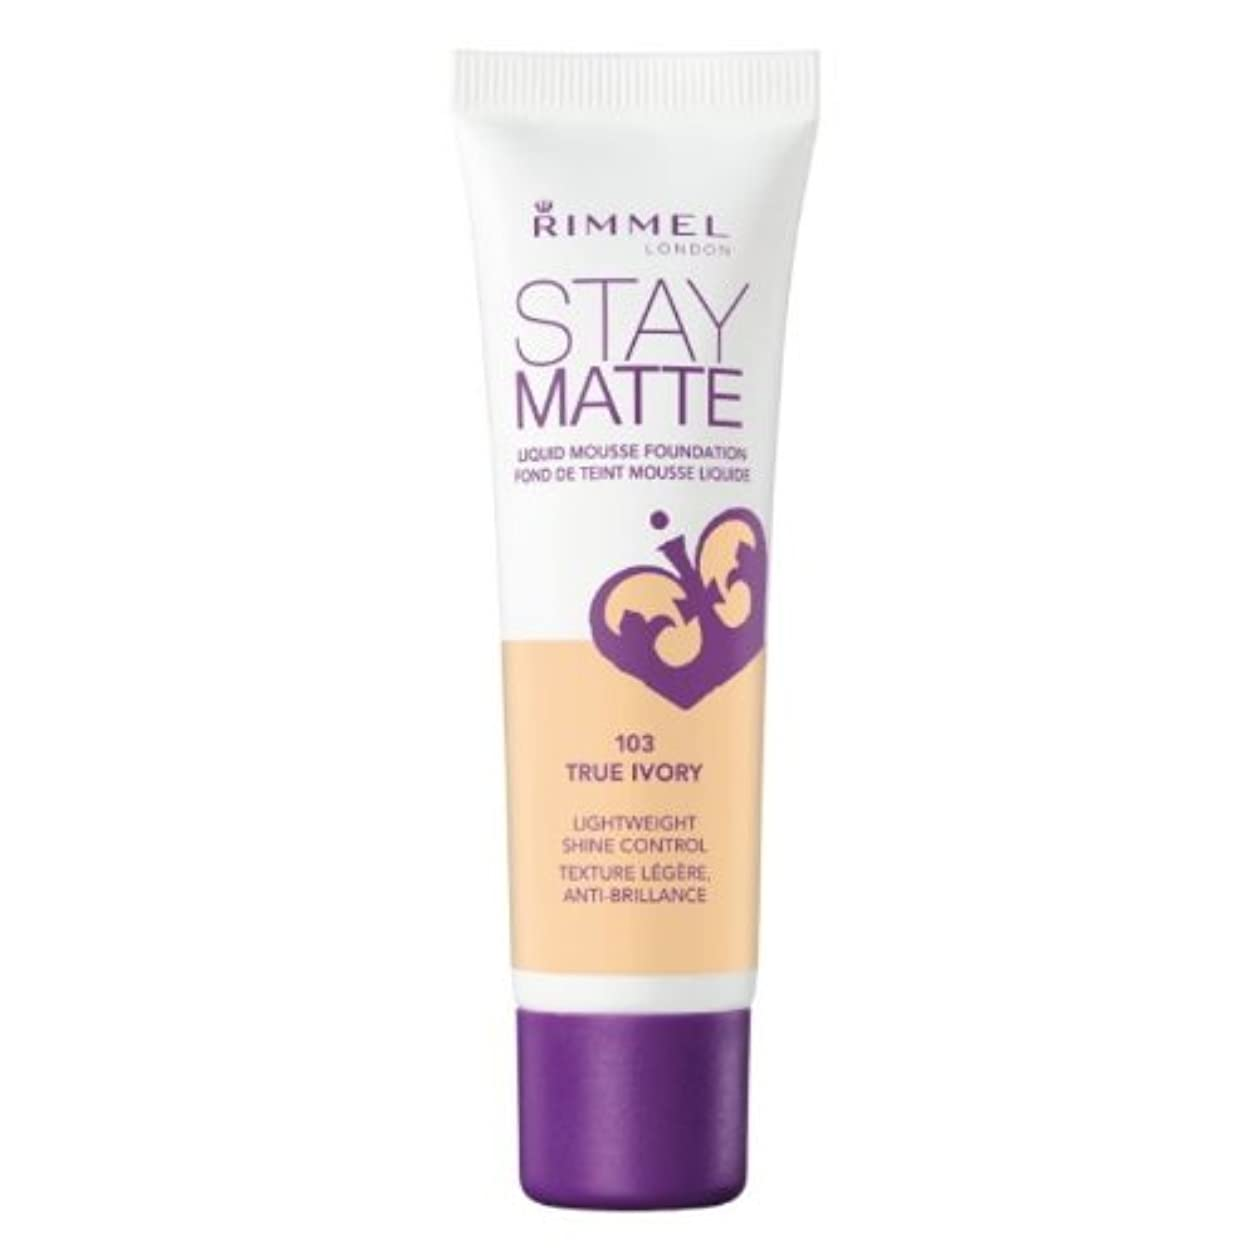 出血不忠喜ぶRIMMEL LONDON Stay Matte Liquid Mousse Foundation - True Ivory (並行輸入品)